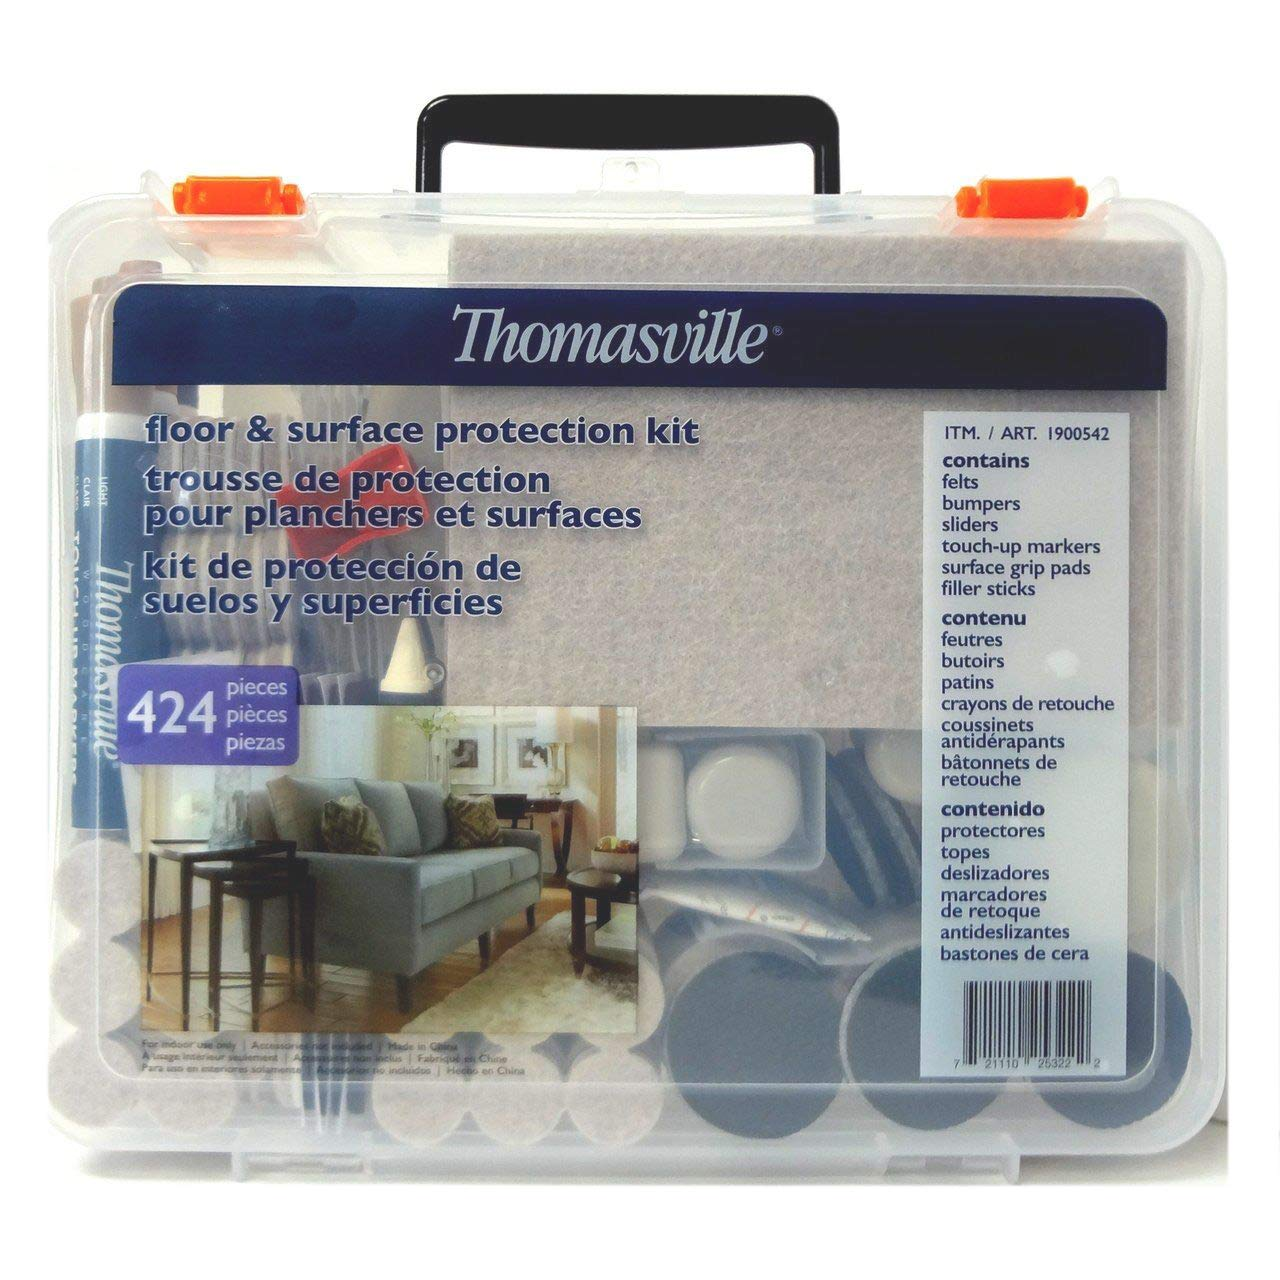 Thomasville Floor & Surface Protection Kit